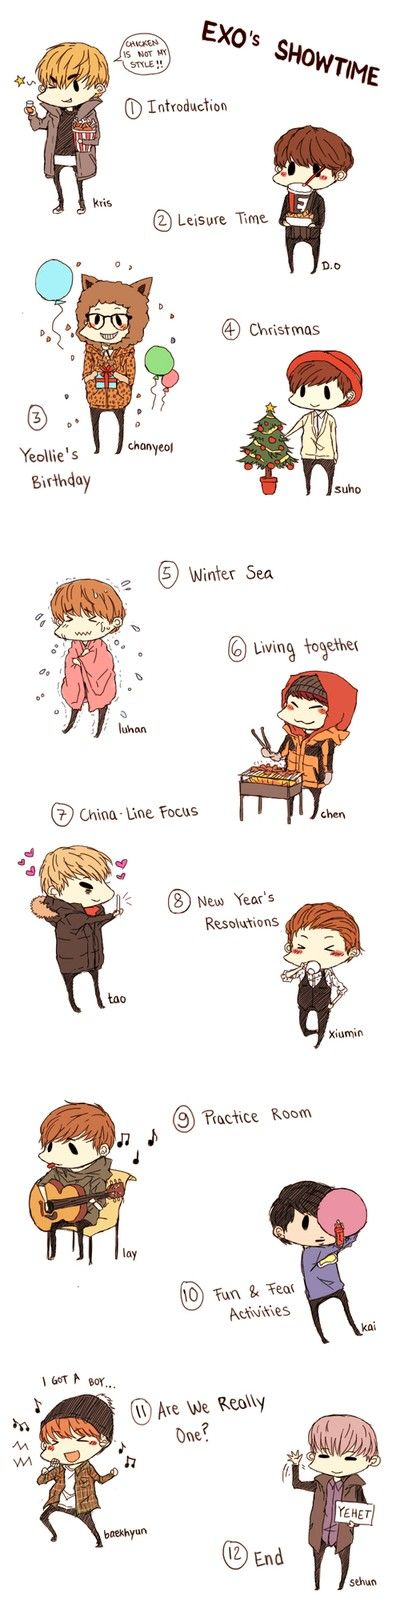 AWWWWWWE fan art of EXO'S SHOWTIME!